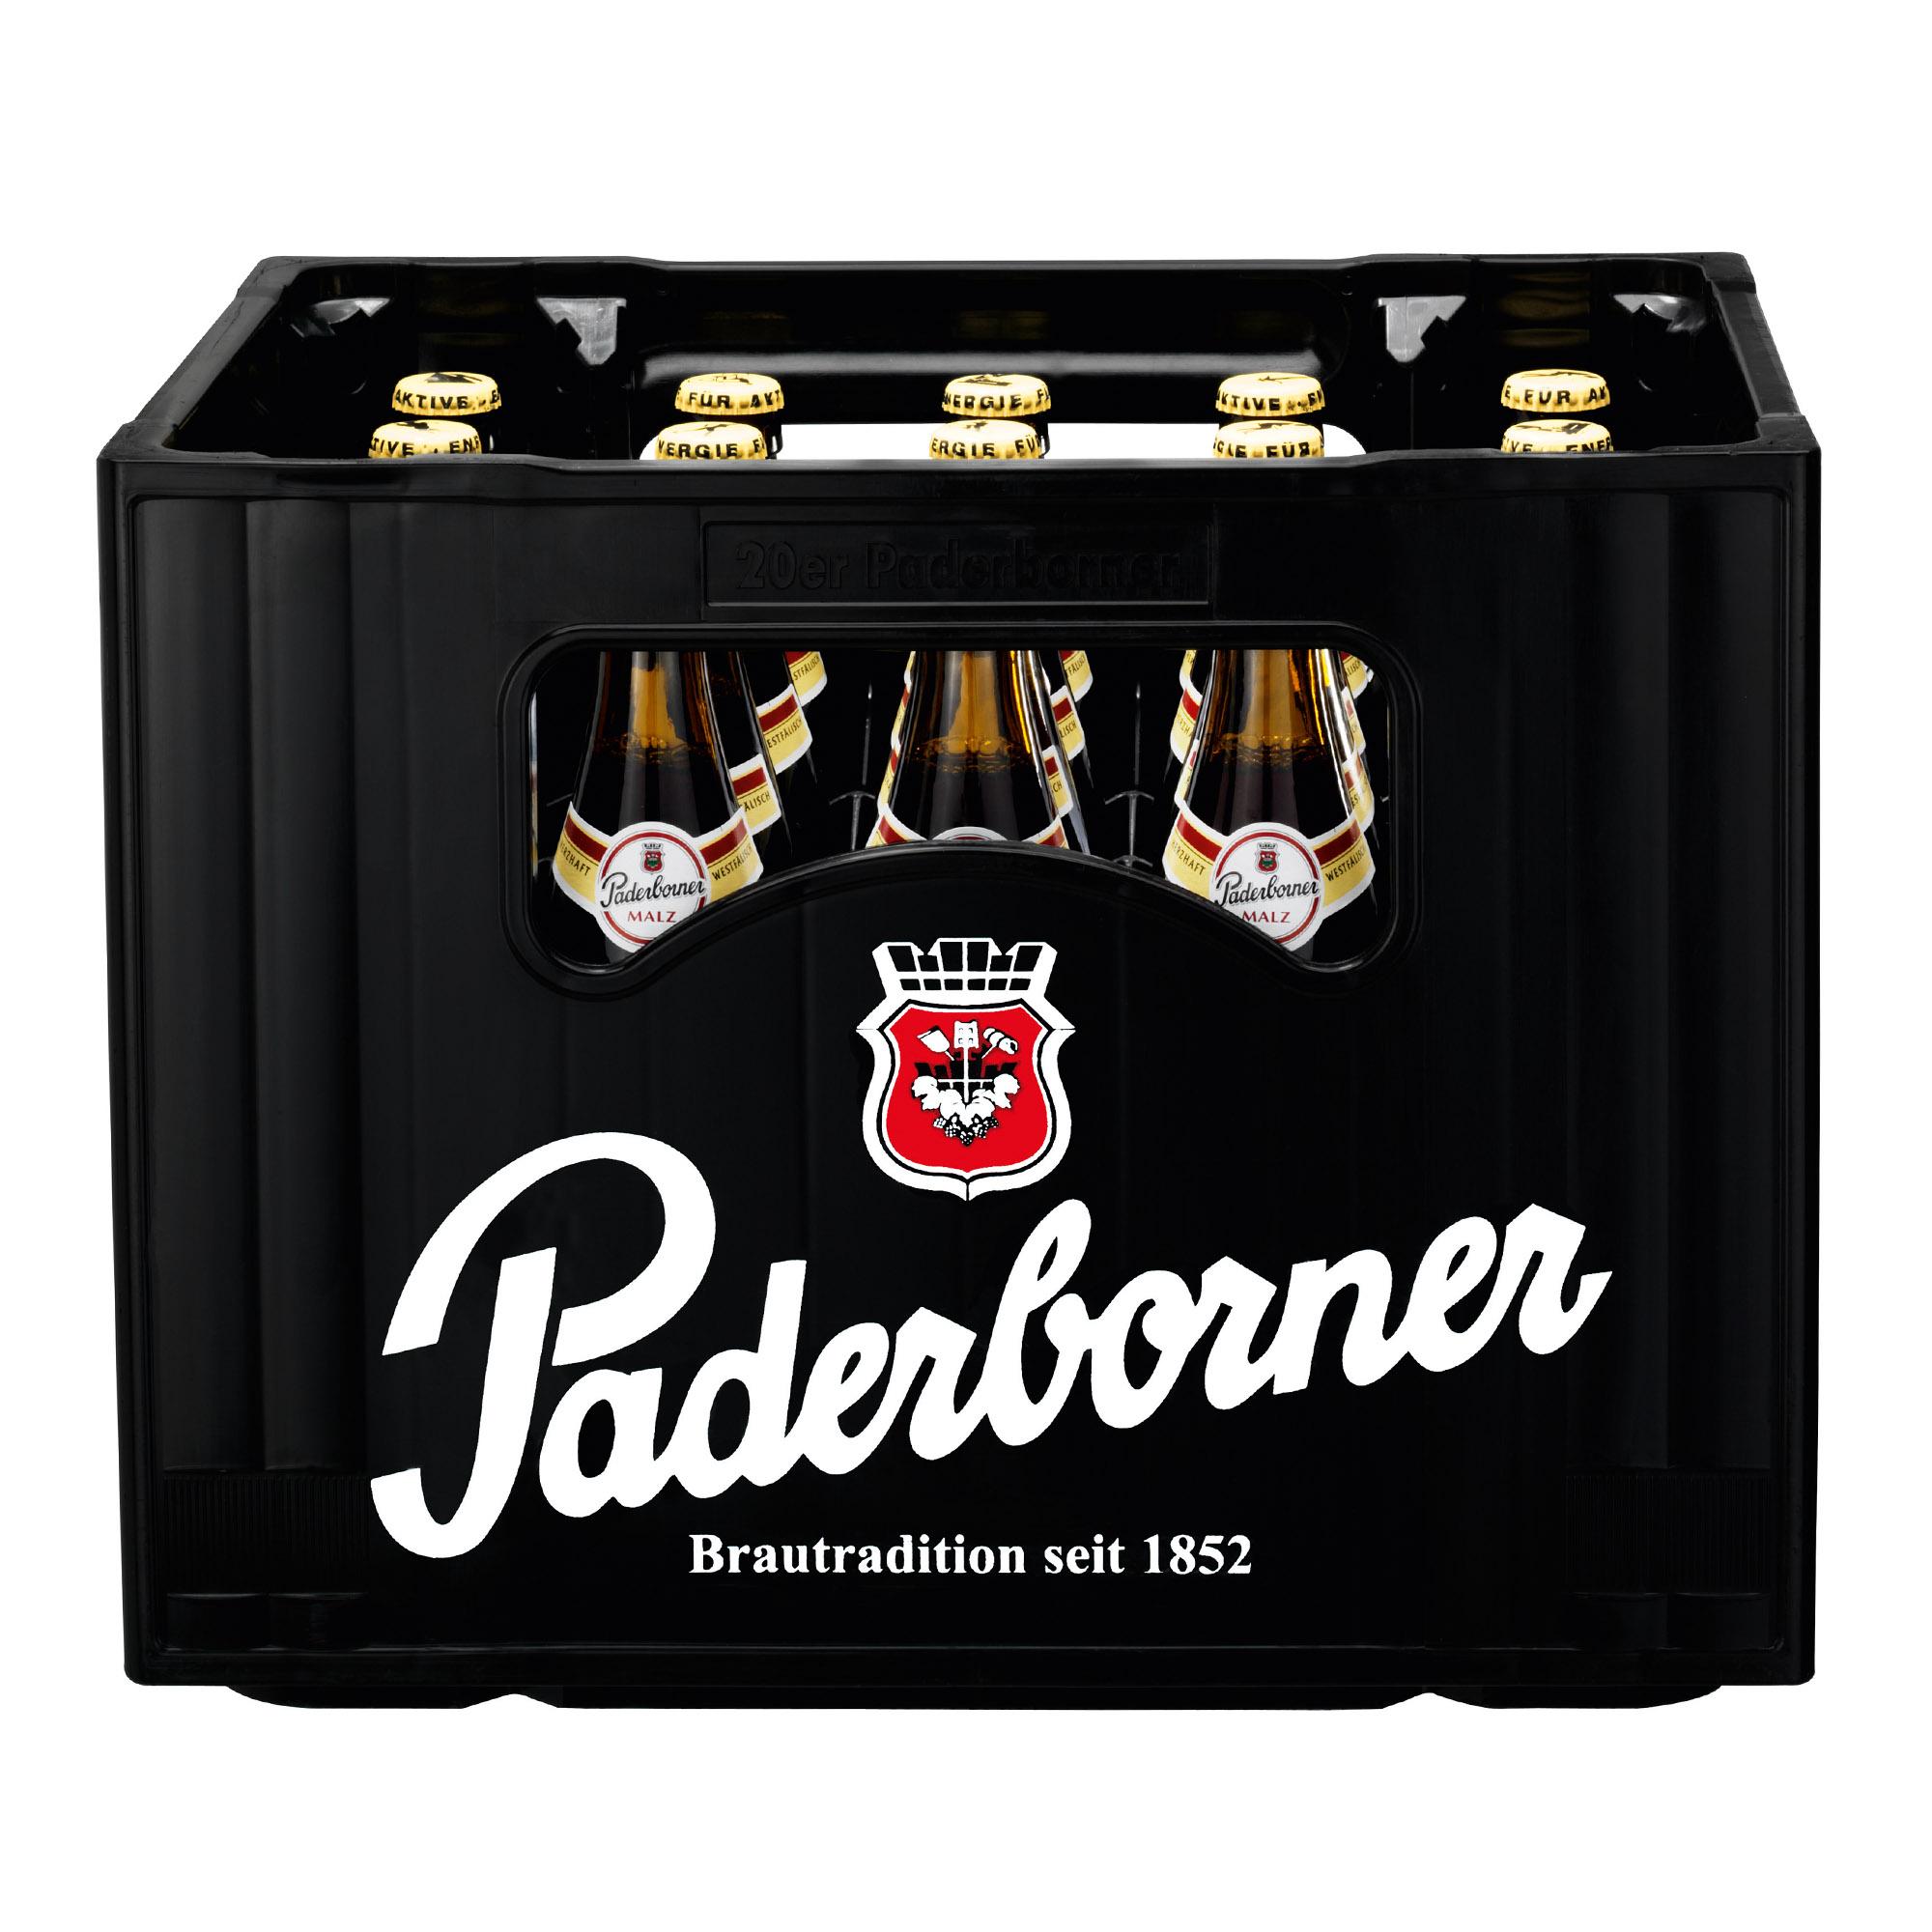 Produktabbildung Paderborner Malz Kasten 20 x 0,5 l frontal